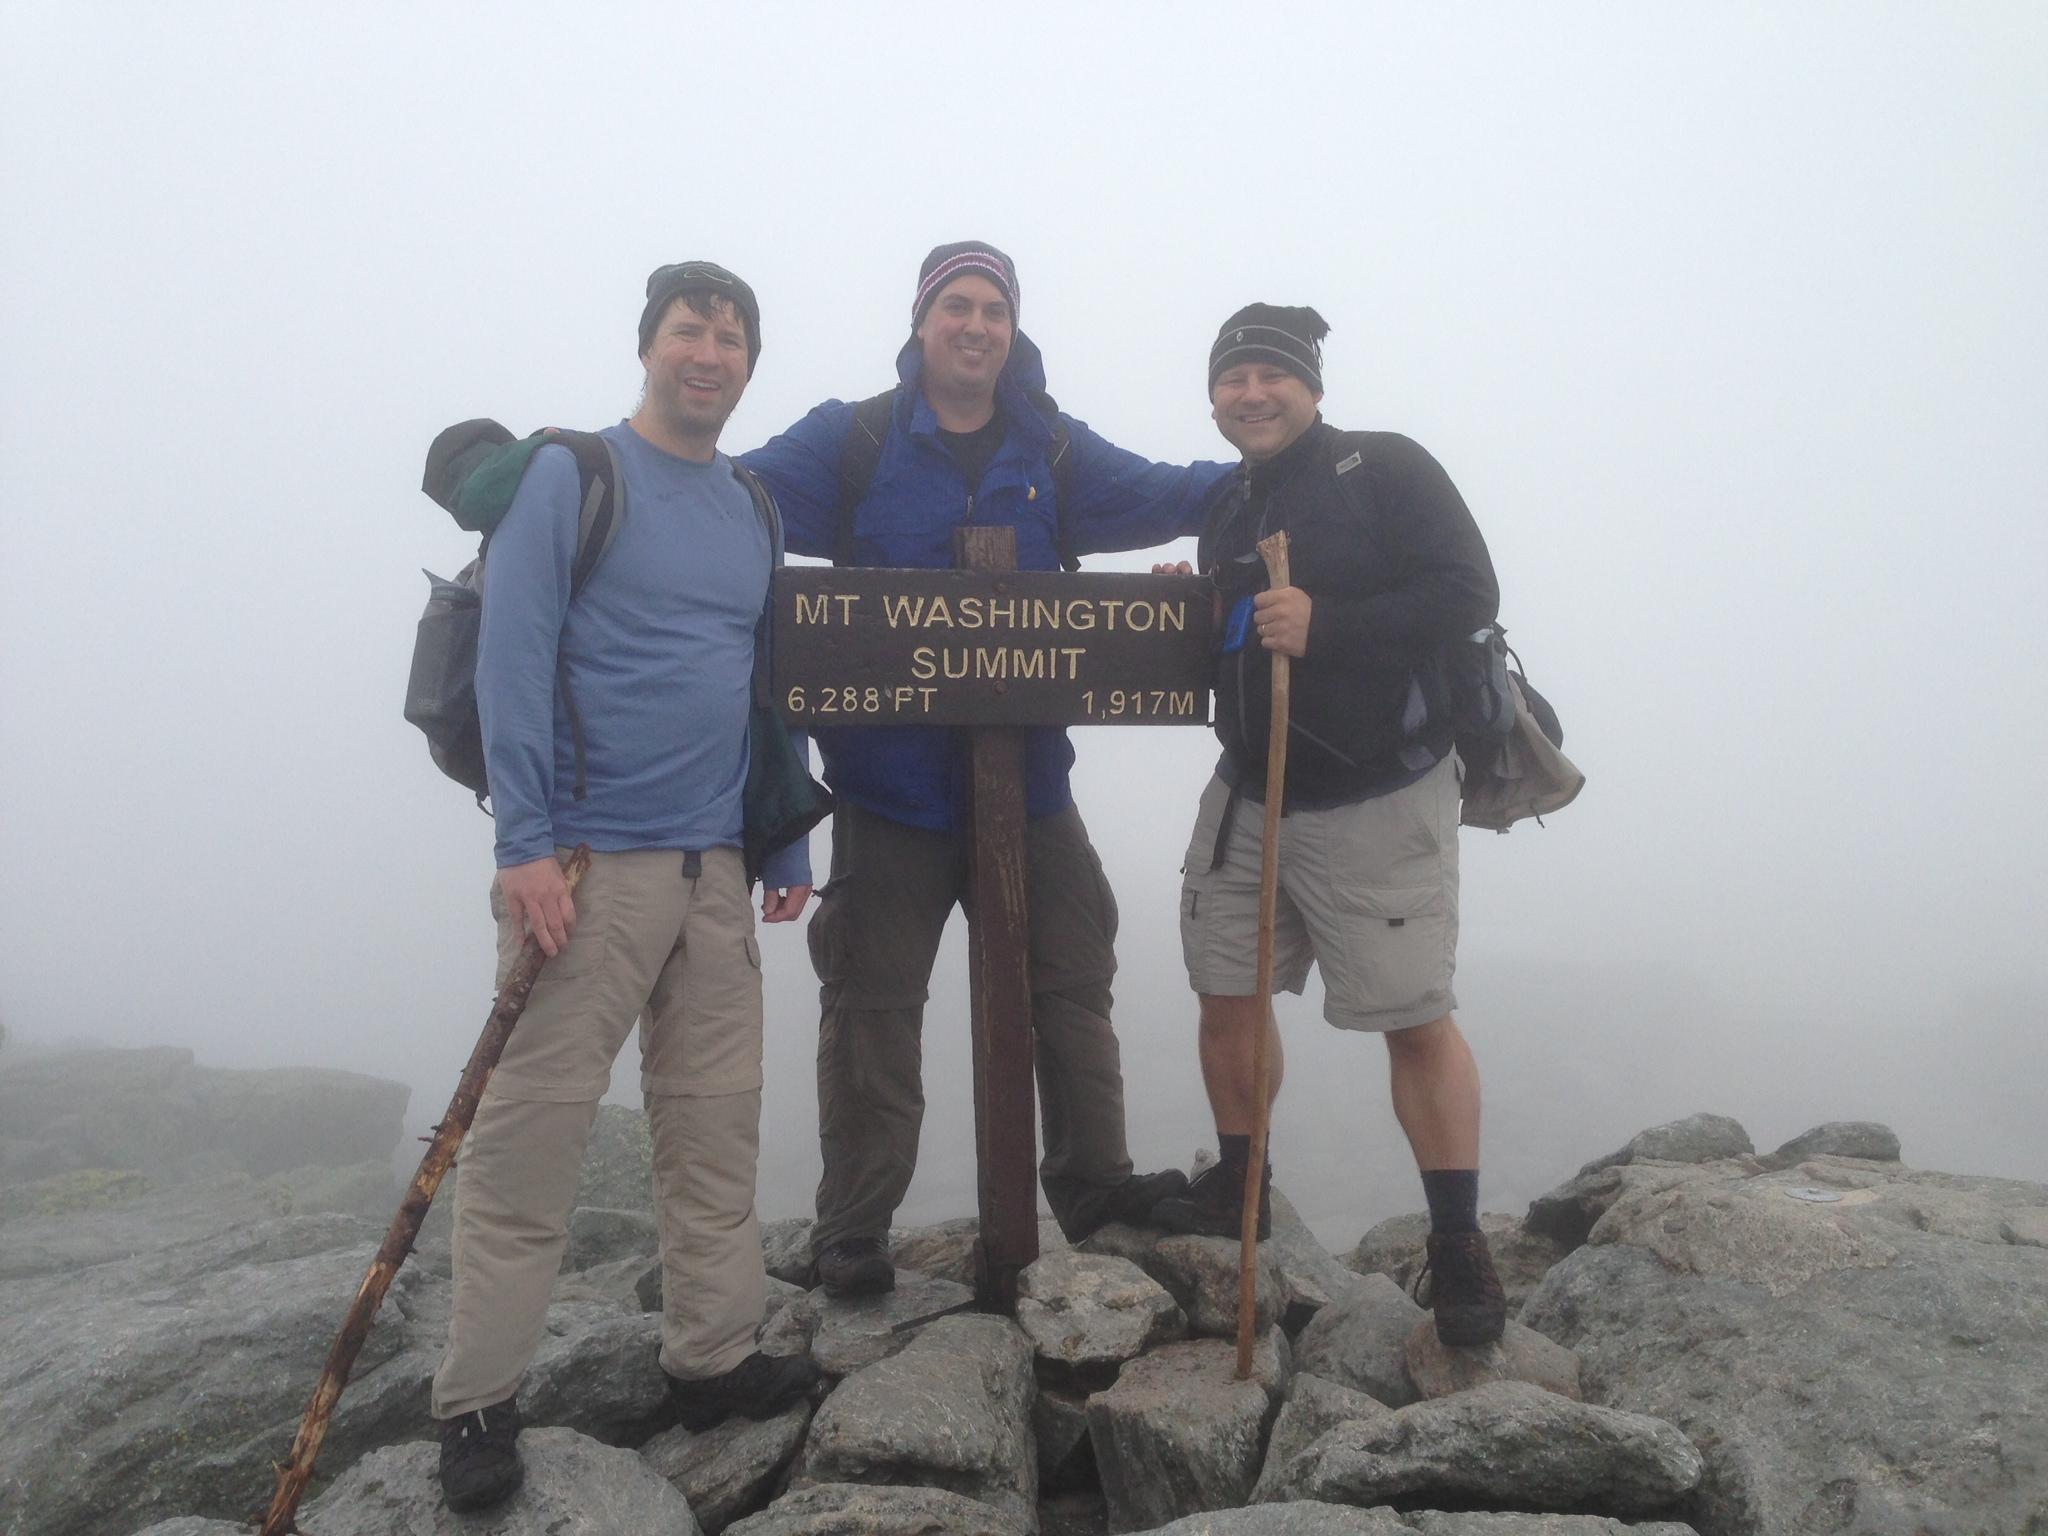 Mt Washington Summit Group